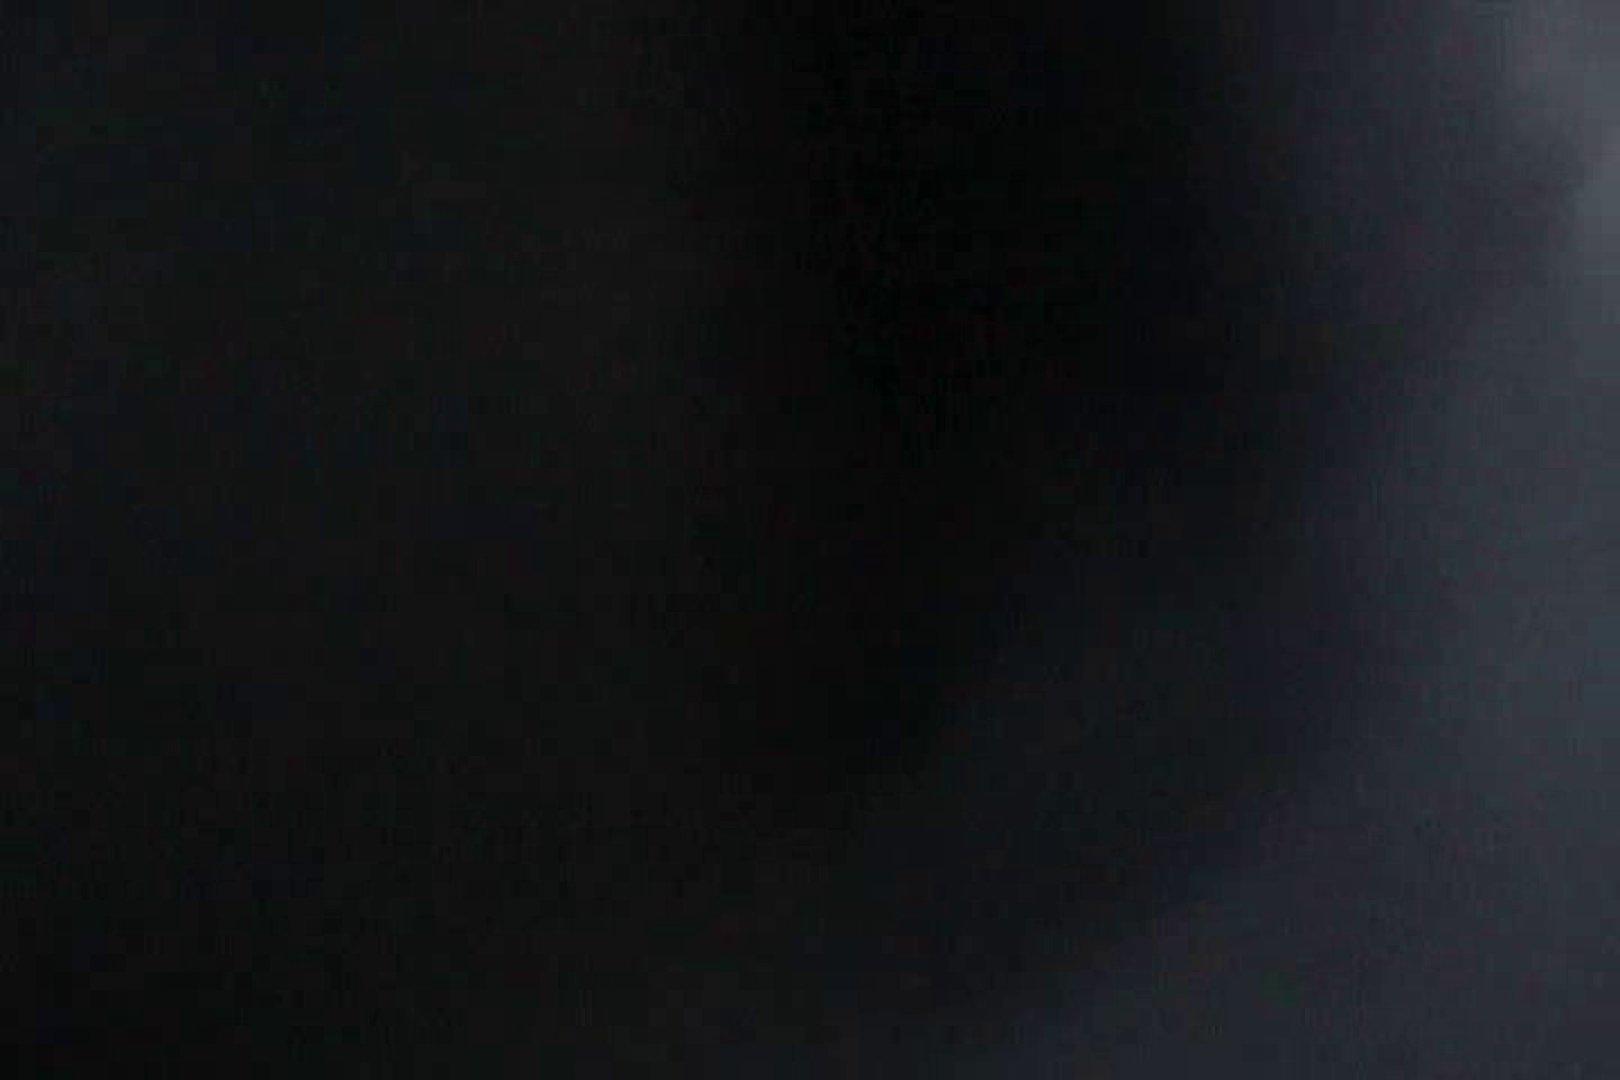 がぶりより!!ムレヌレパンツVol.4 美女OL  105連発 26